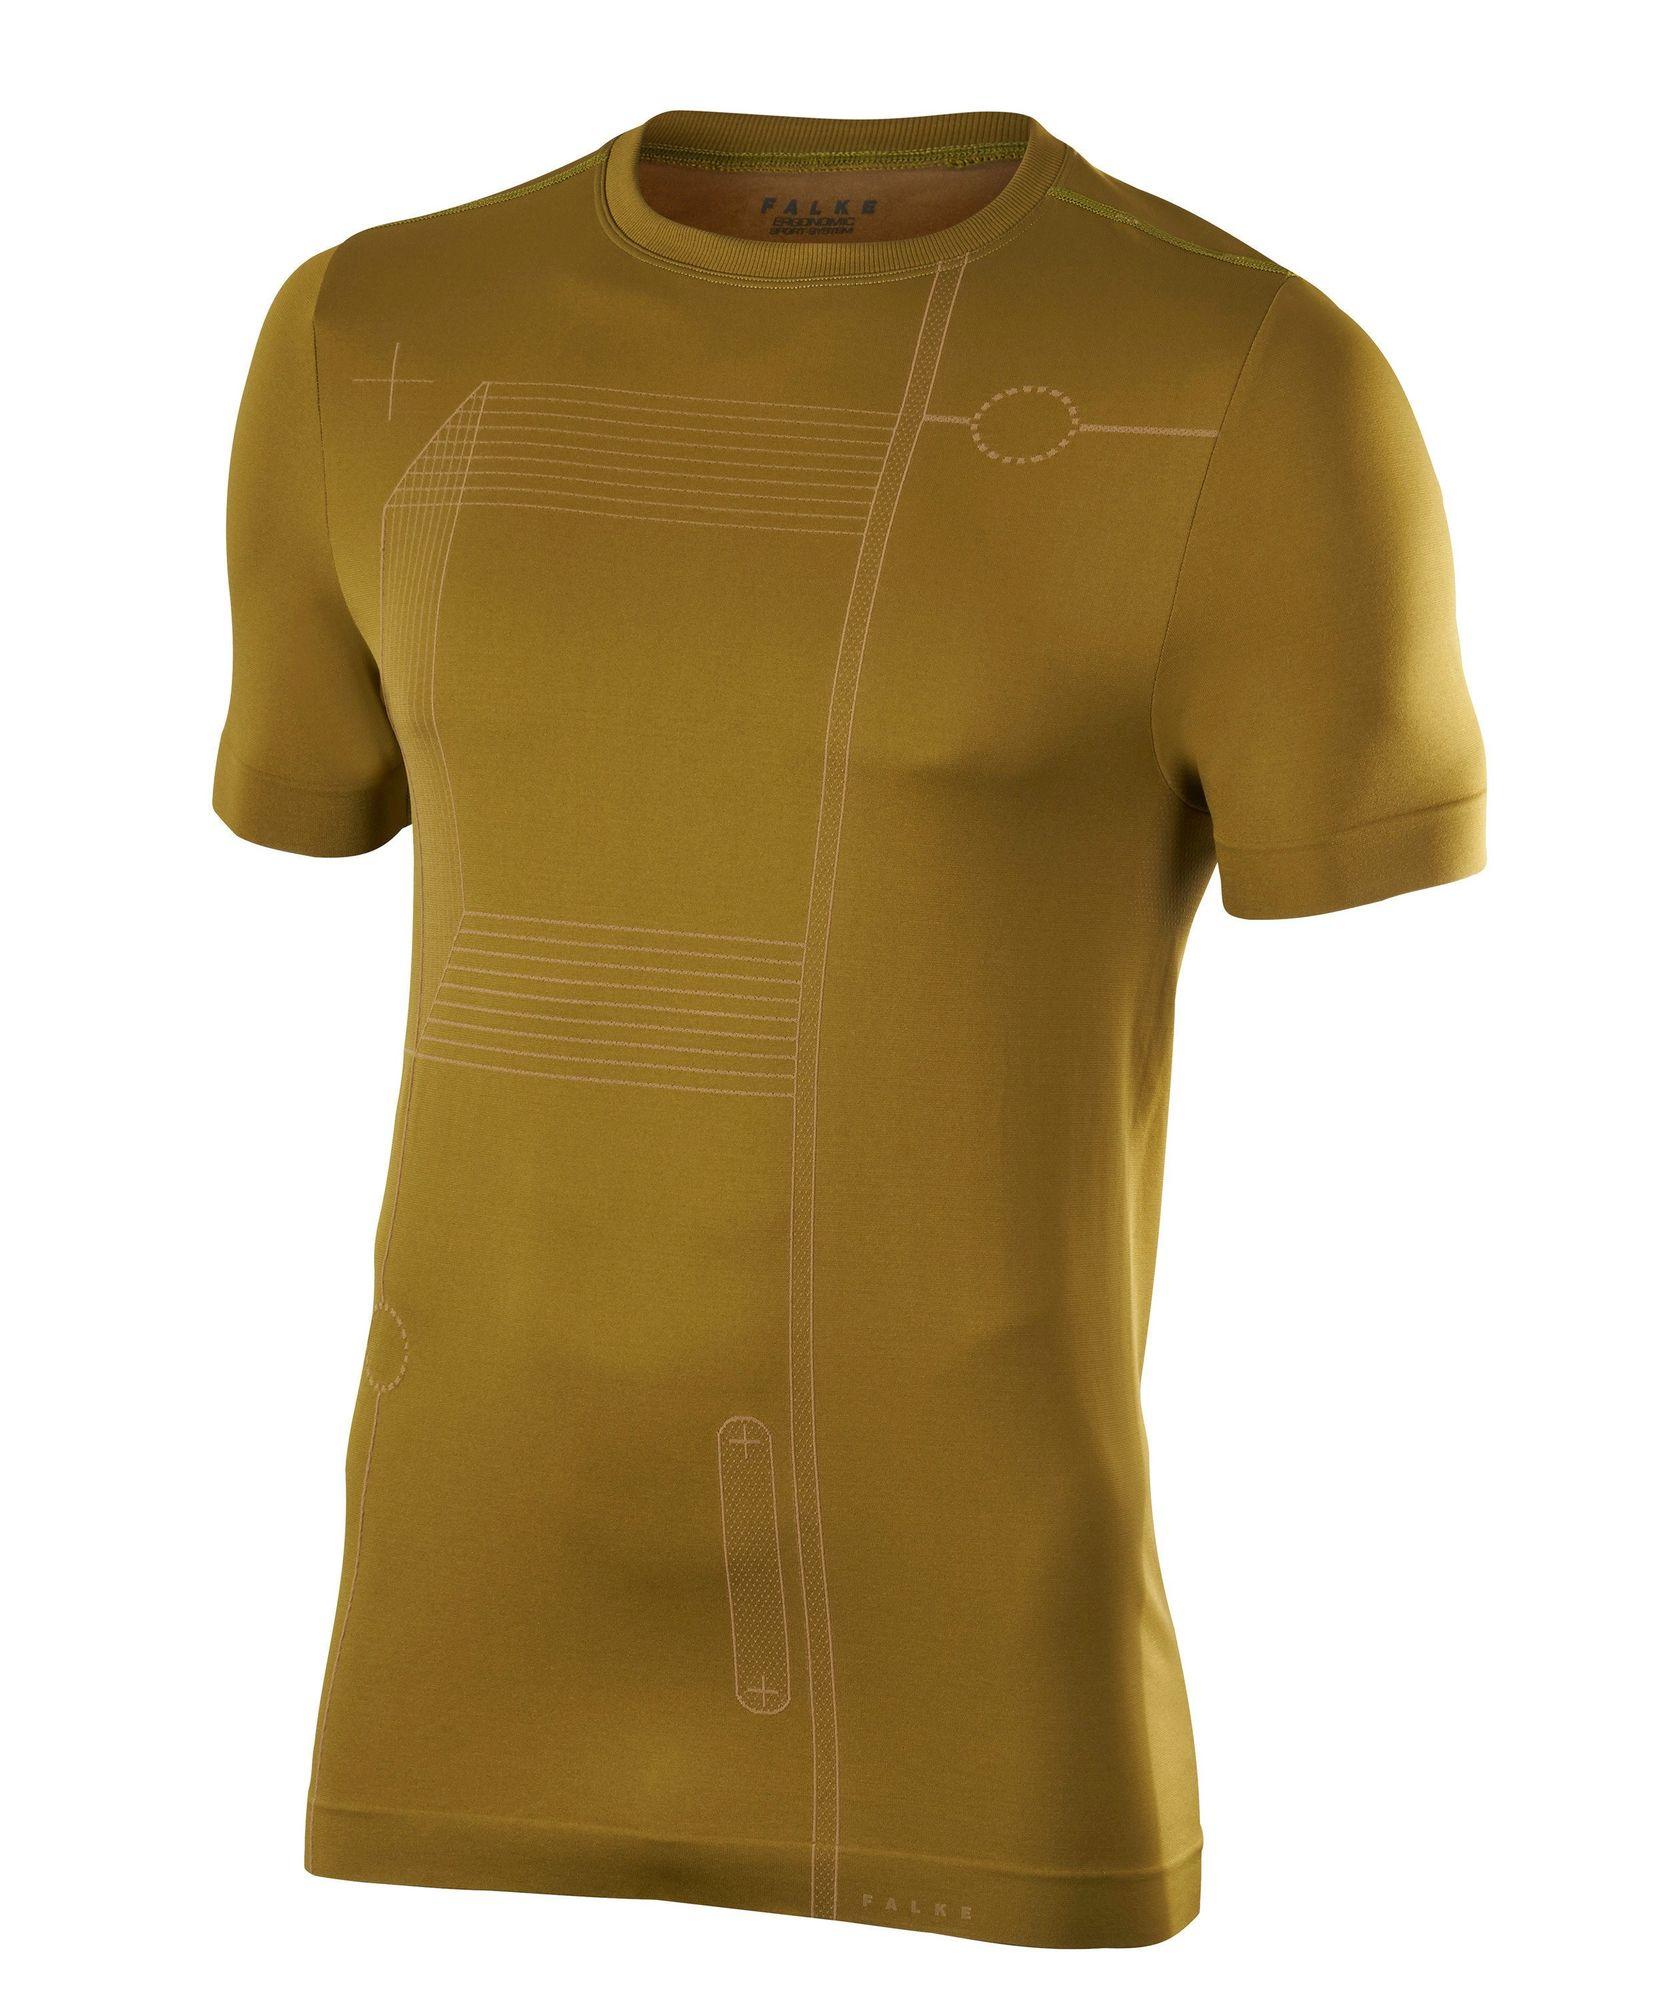 Falke Blueprint T-Shirt in Grün